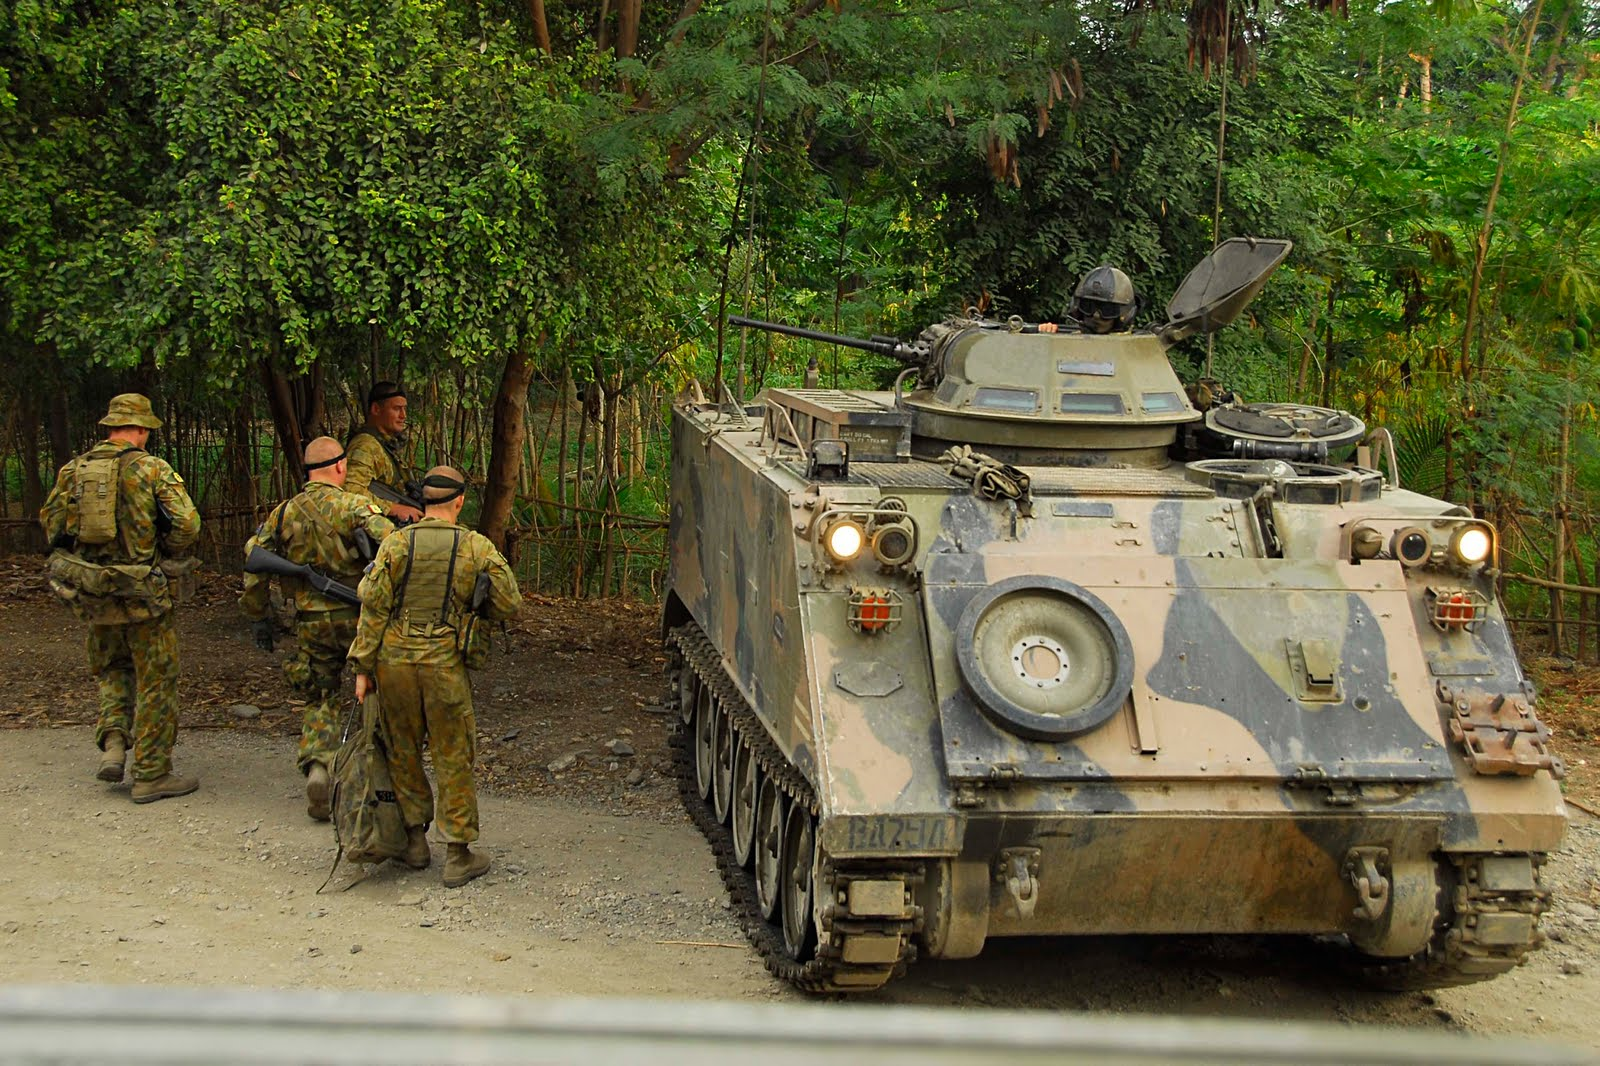 Aussie Modeller International View Topic Making An Aussie M113 Bucket